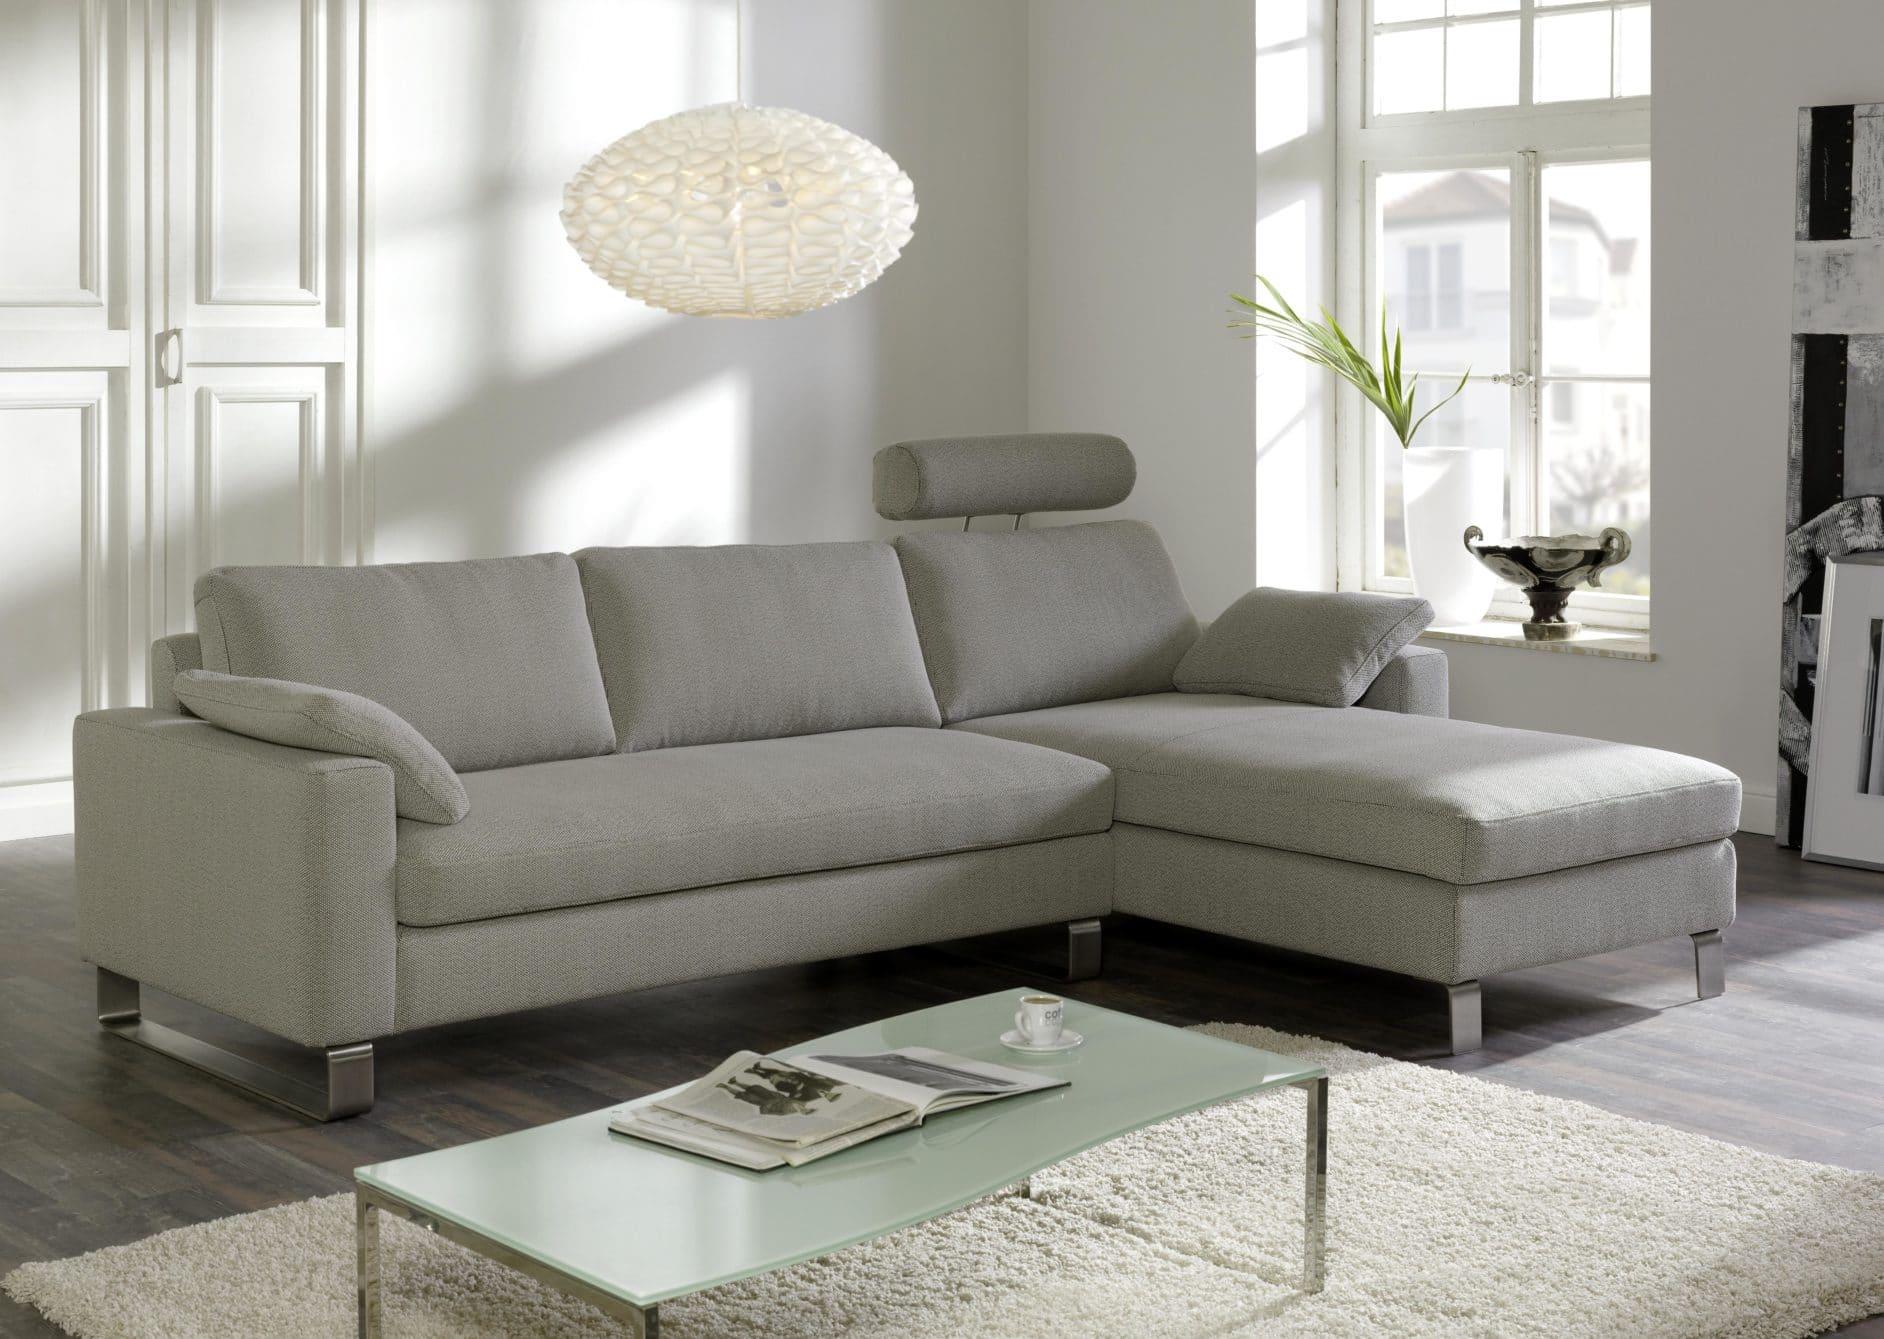 Sofasystem Sirio 2,5-Sitzer